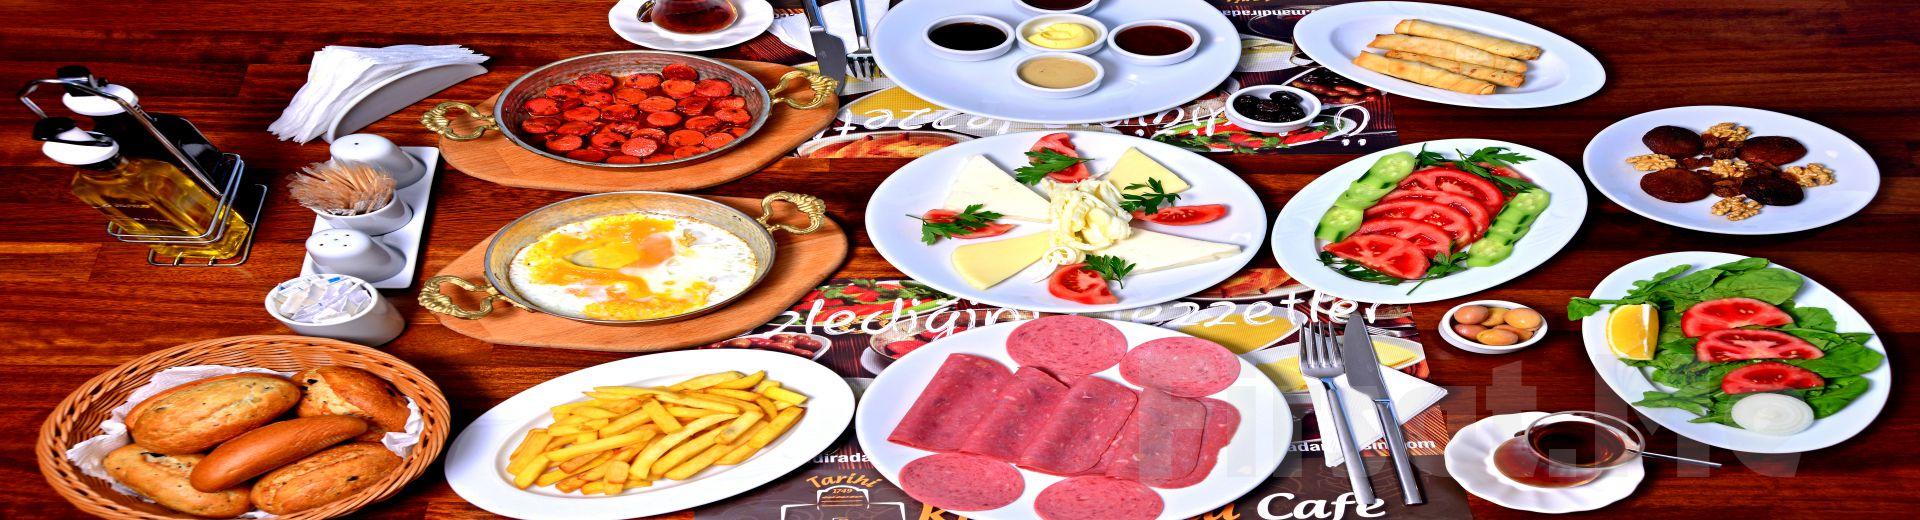 Sarıyer Kireçburnu Cafe'de Leziz Izgara Köfte ve Balık Menüleri!